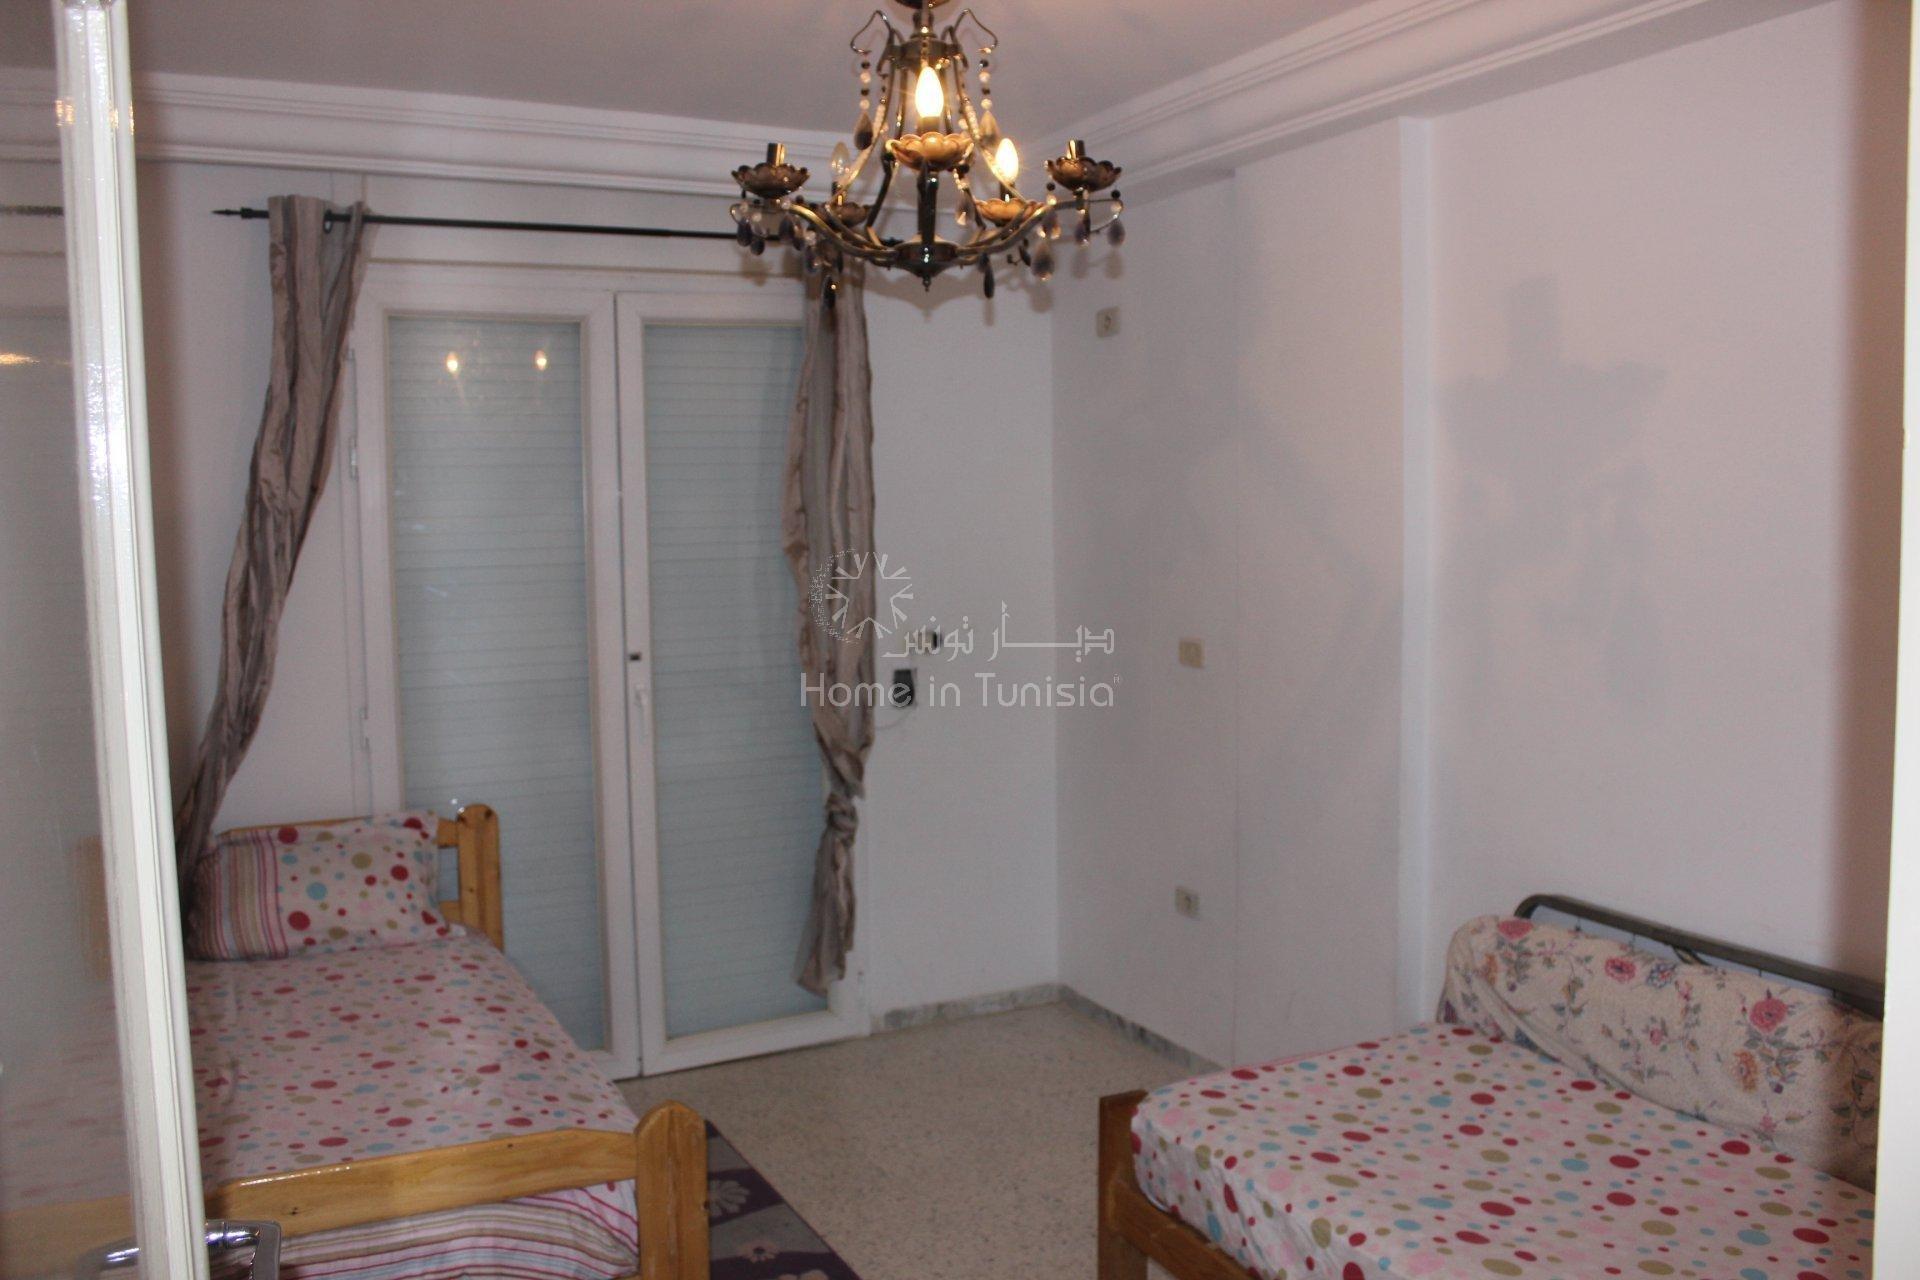 Vente Magnifique Appartement Front Mer